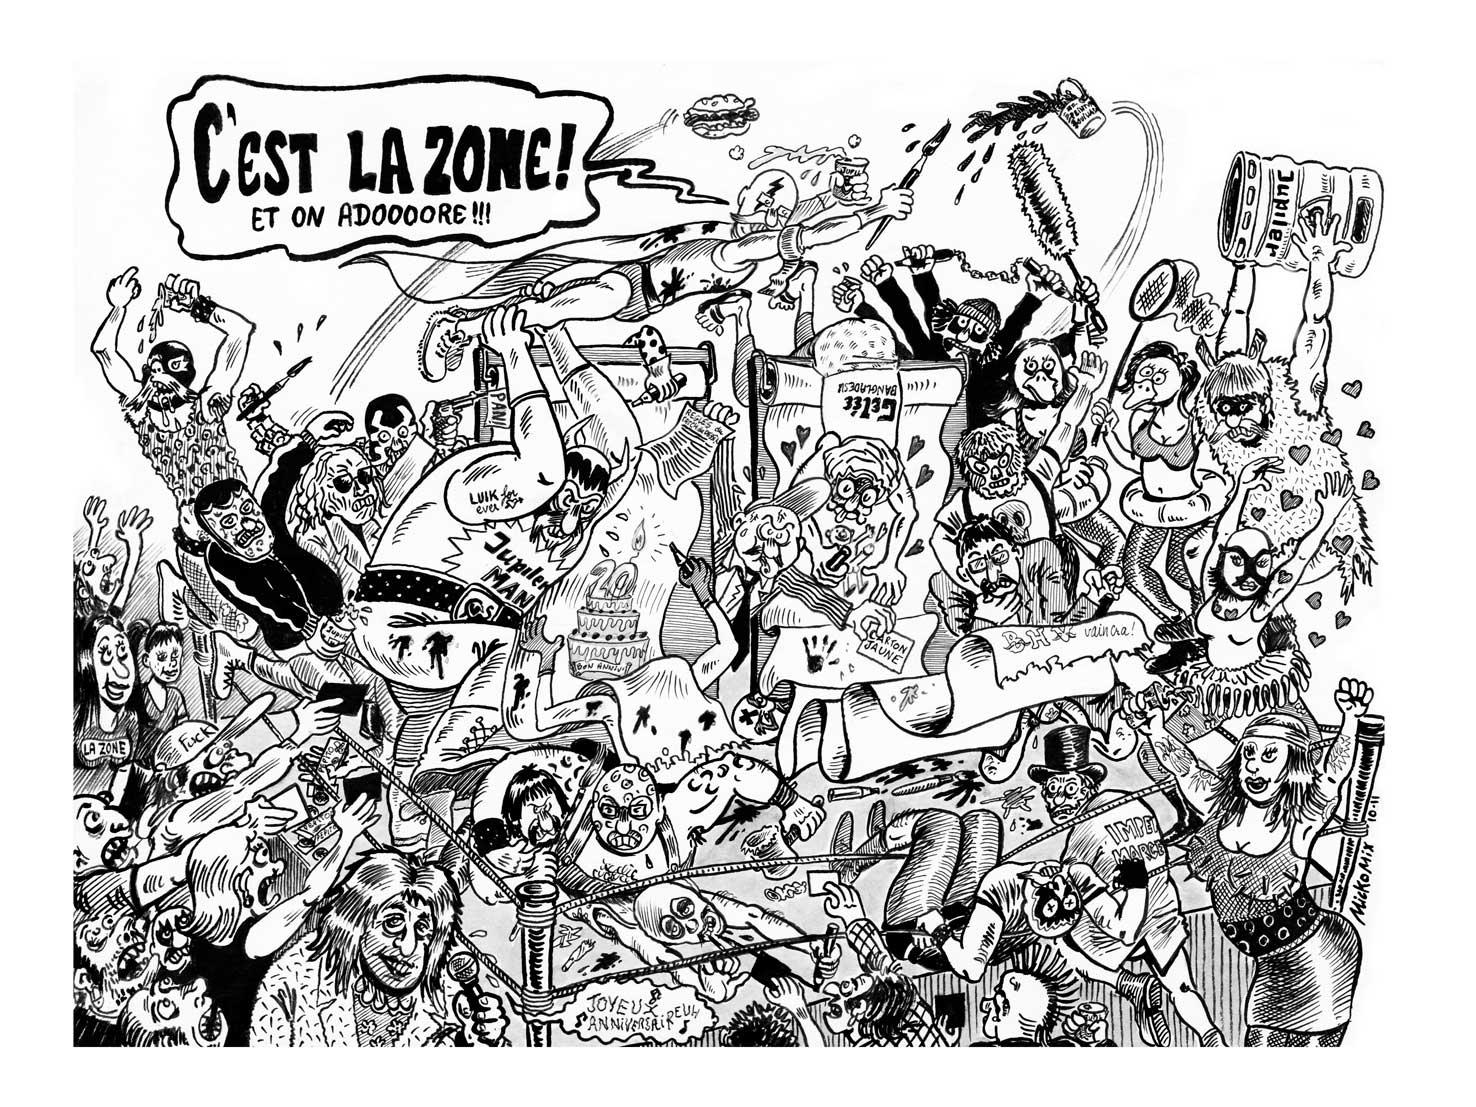 Catch de dessin la zone li ge belgique a 20 ans - Dessin anniversaire 20 ans ...